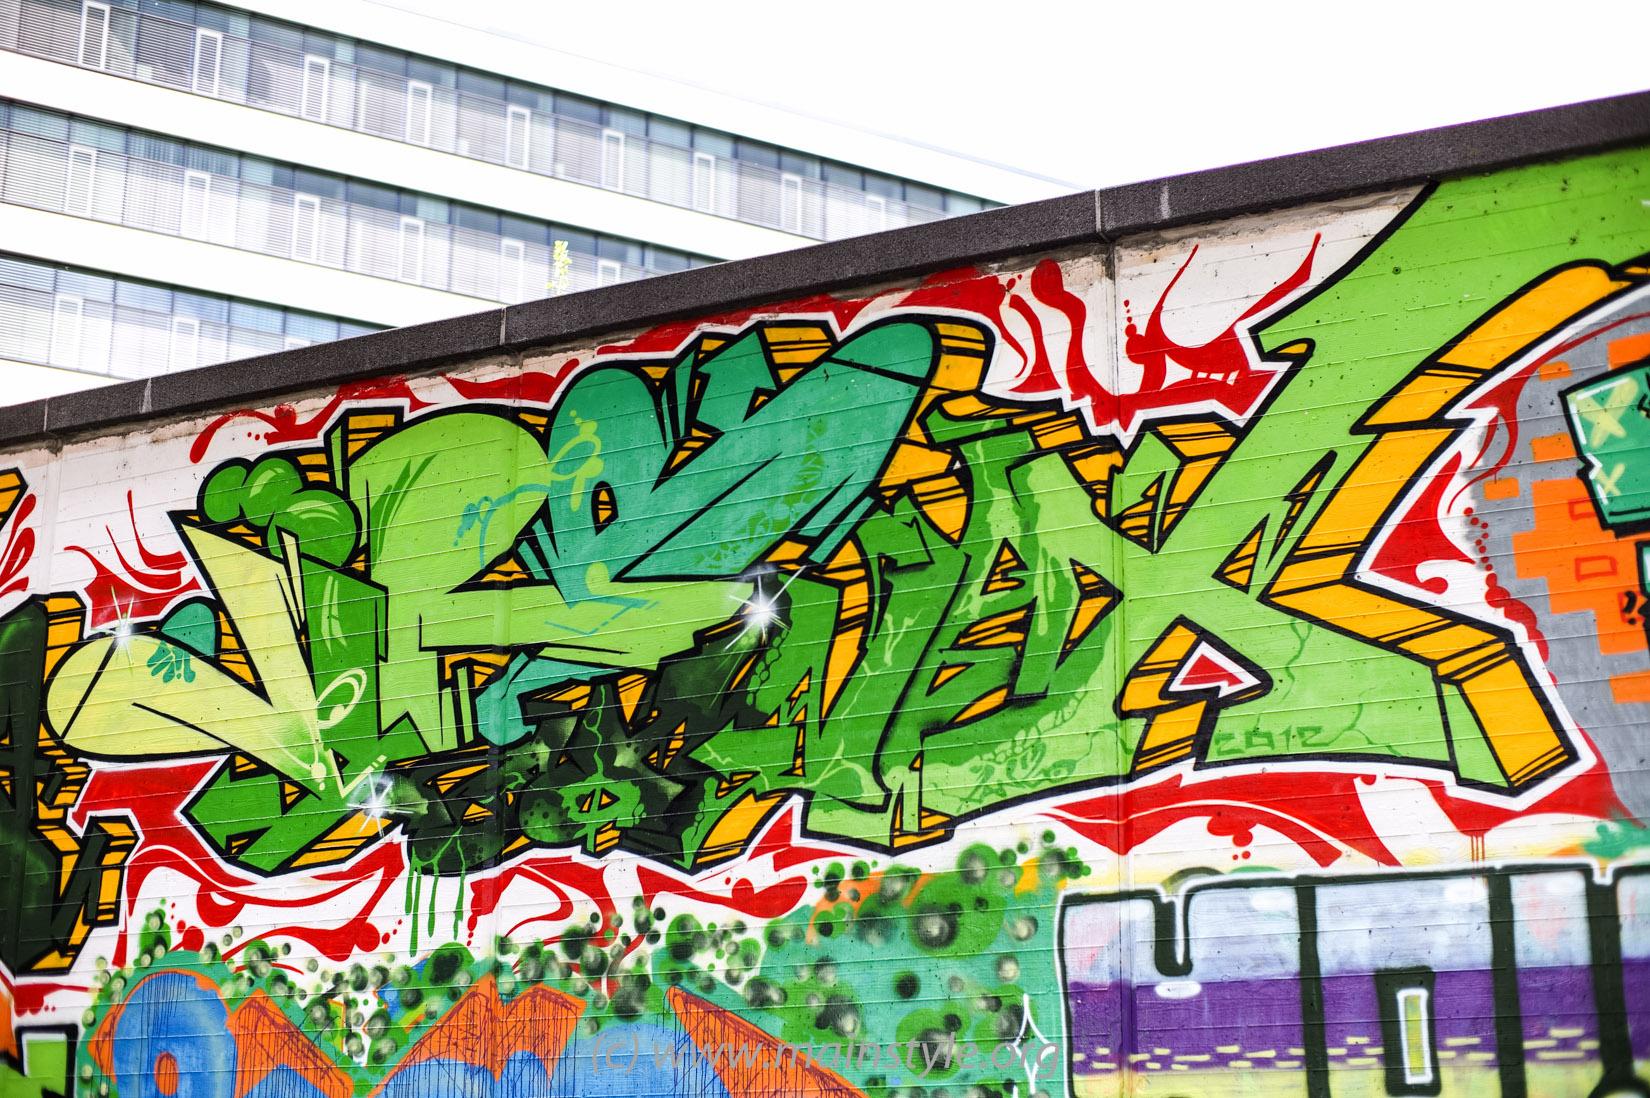 Frankfurt-Höchst_Graffiti_Süwag-Wall_2012 (14 von 35)